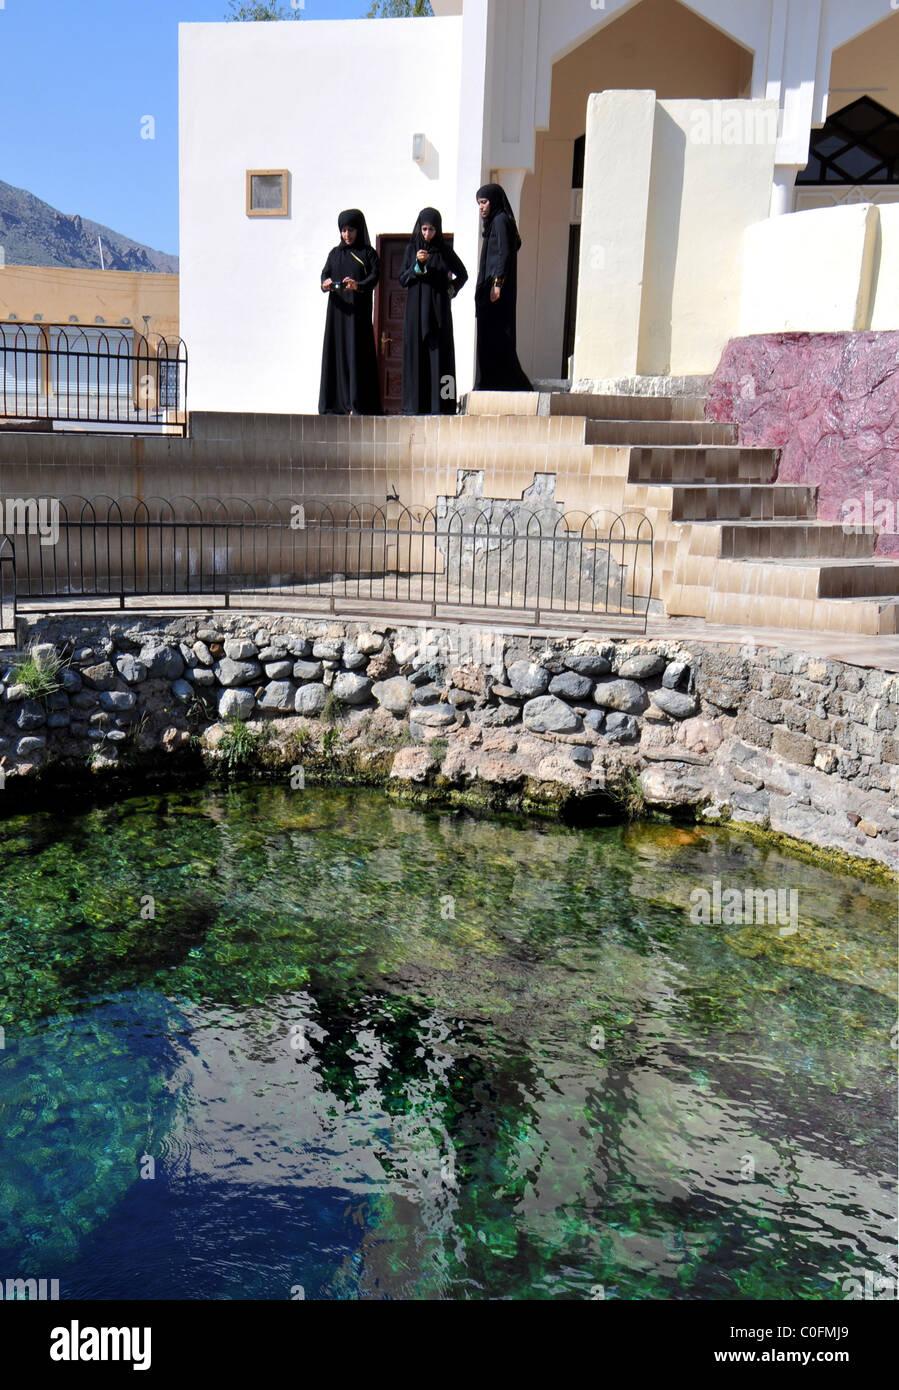 La guarigione warm springs Ain al Kasafa Al Rustaq, il sultanato di Oman. Immagini Stock